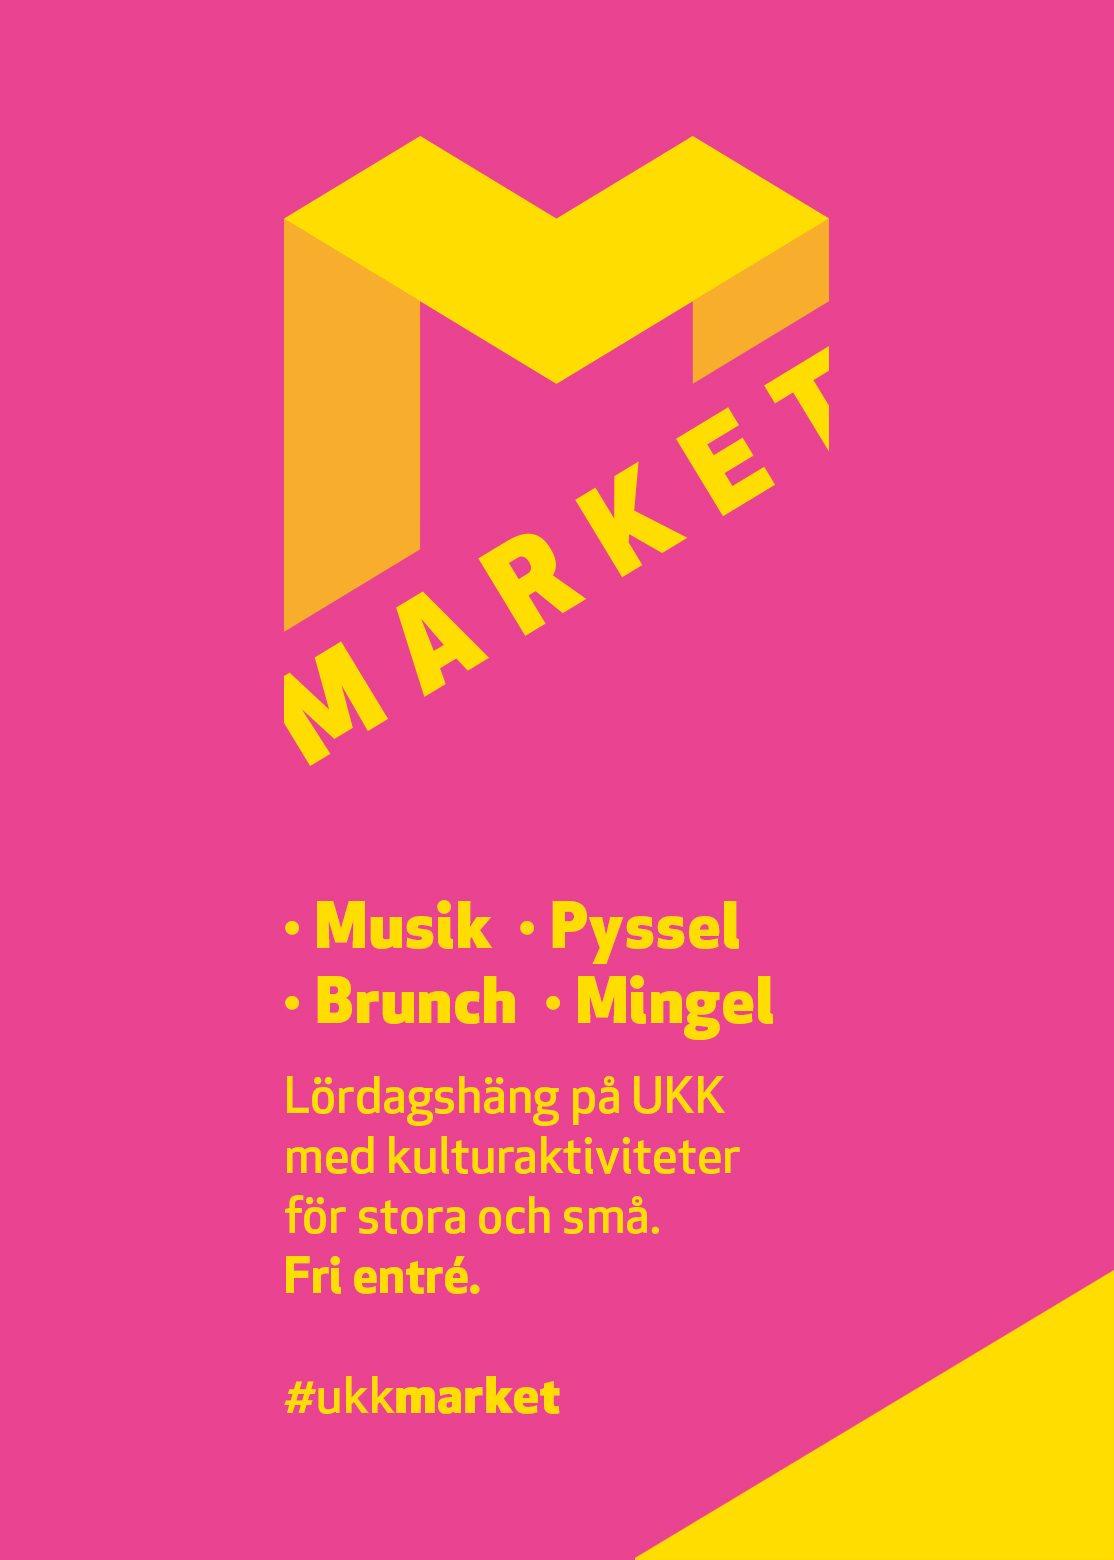 Market med pyssel och brunch på UKK.